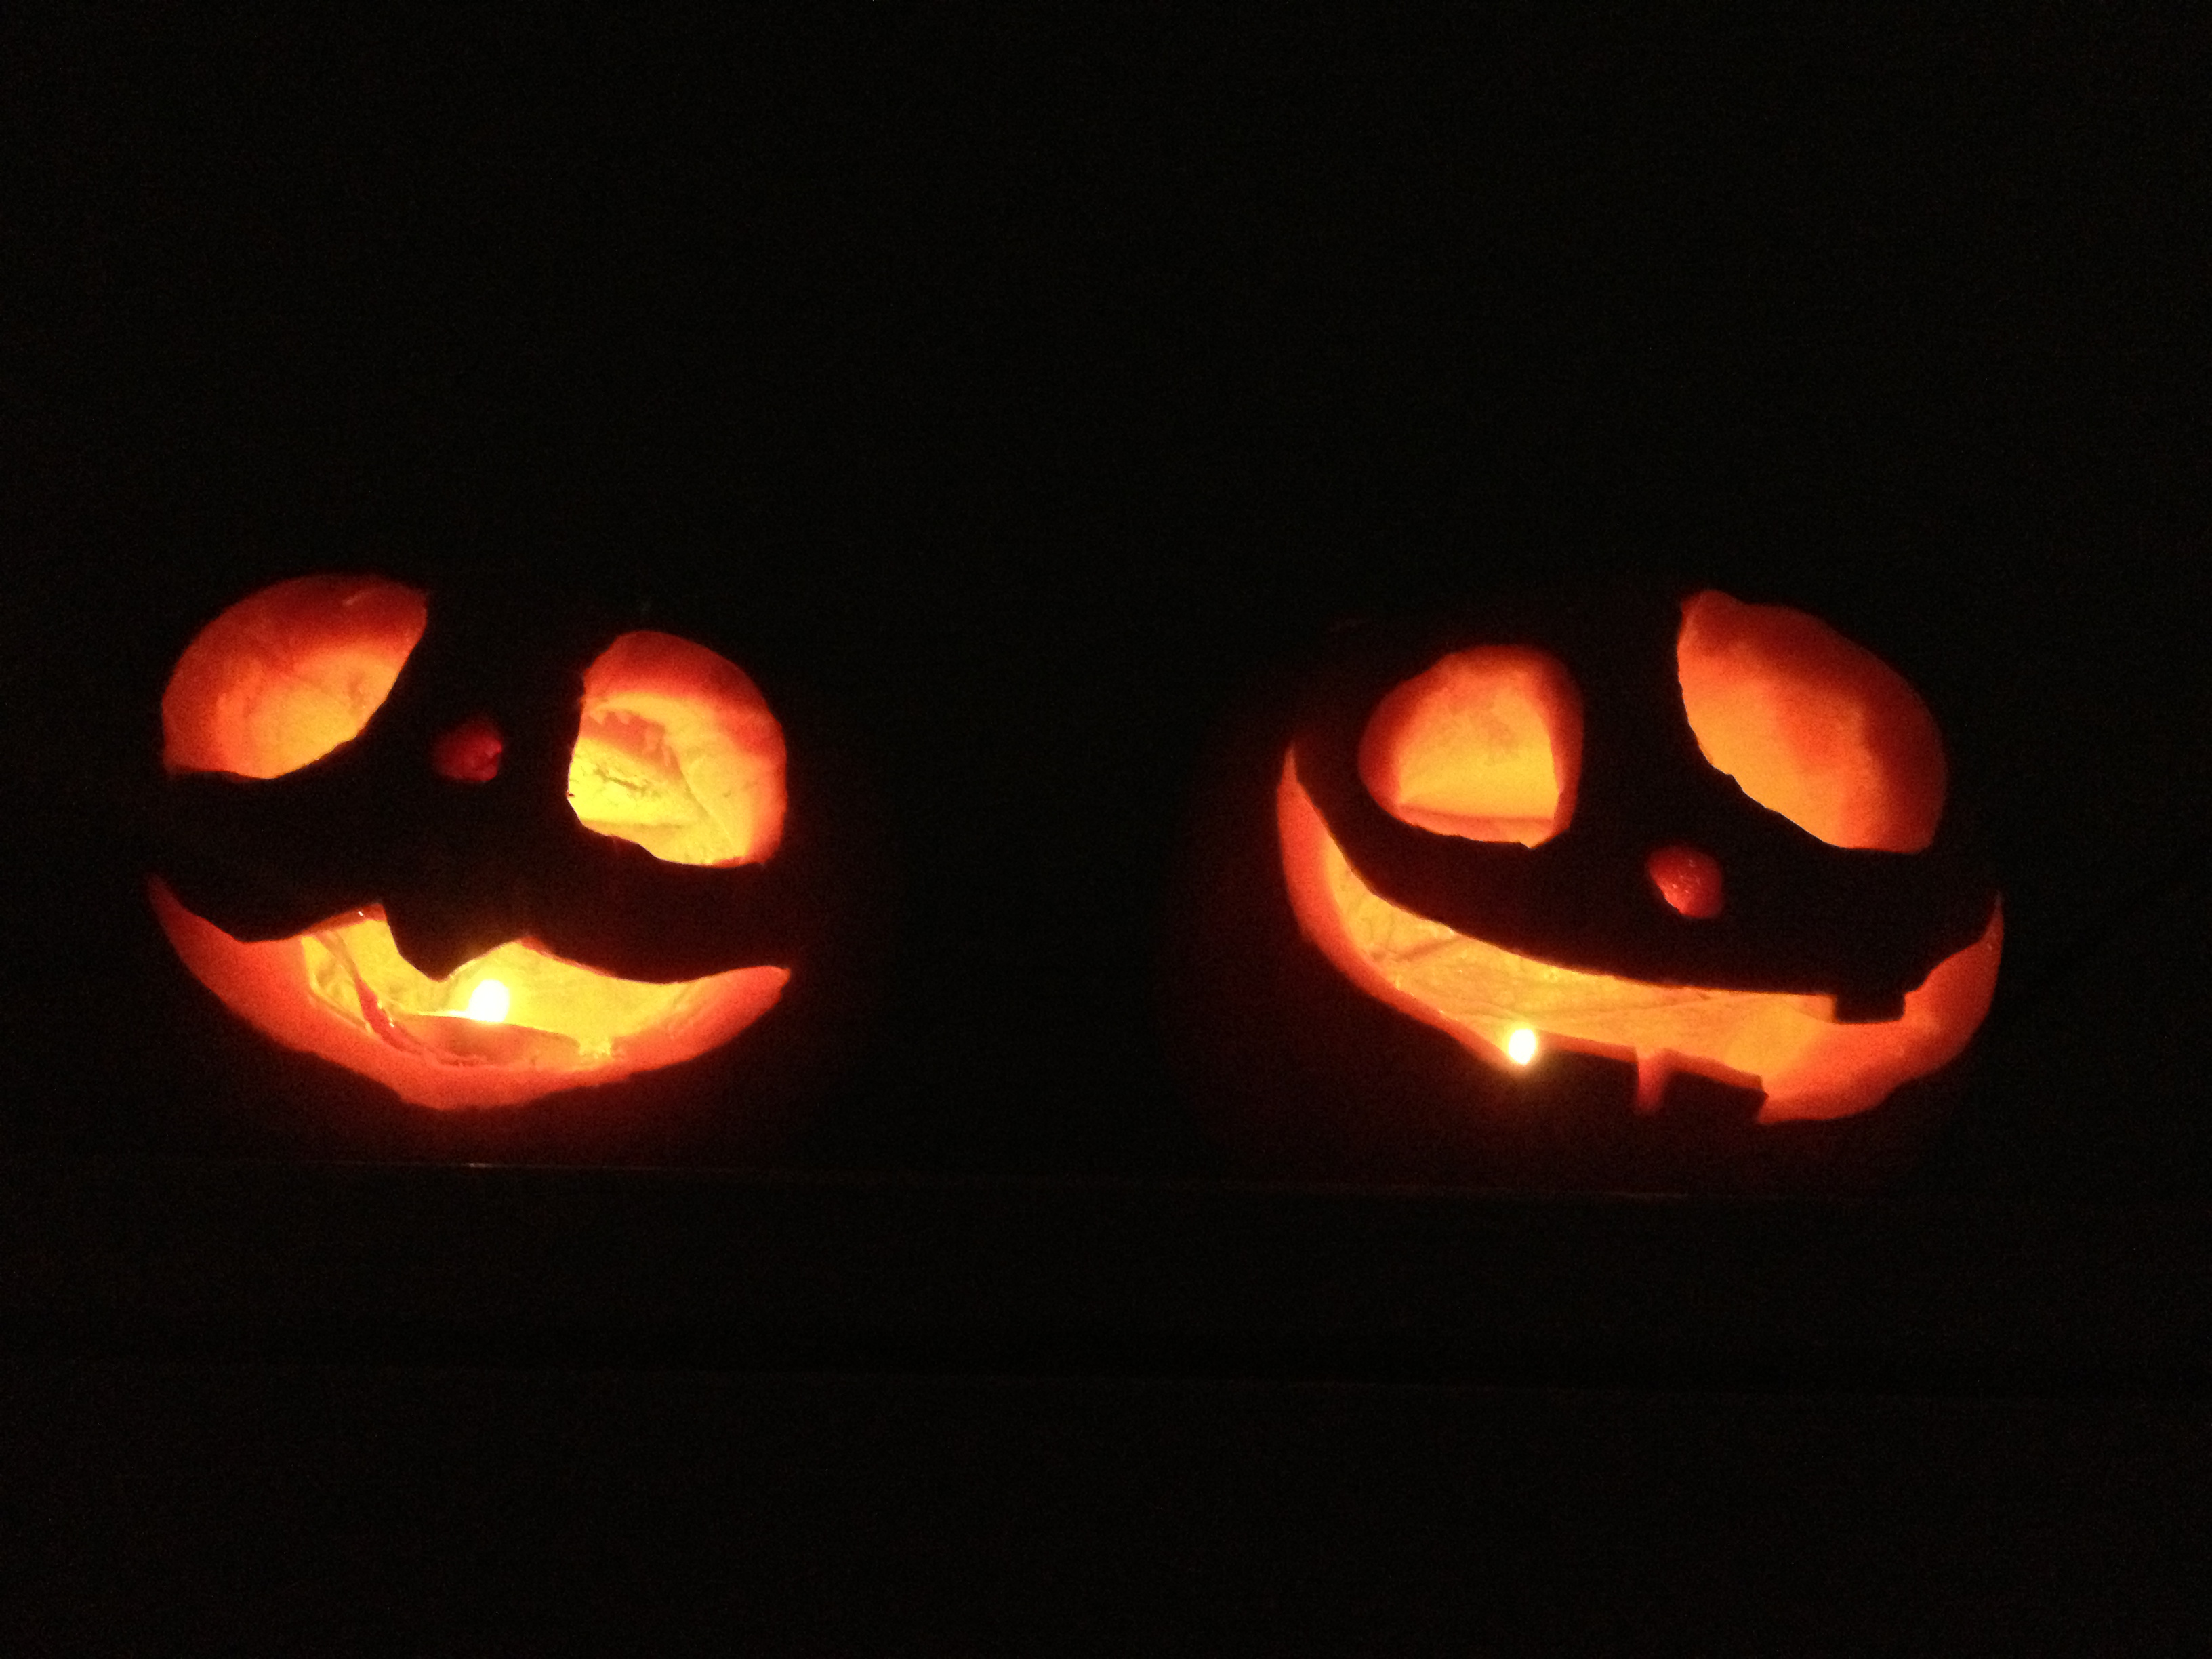 Como hacer calabazas en halloween energ a y feminidad - Calabazas de halloween de miedo ...